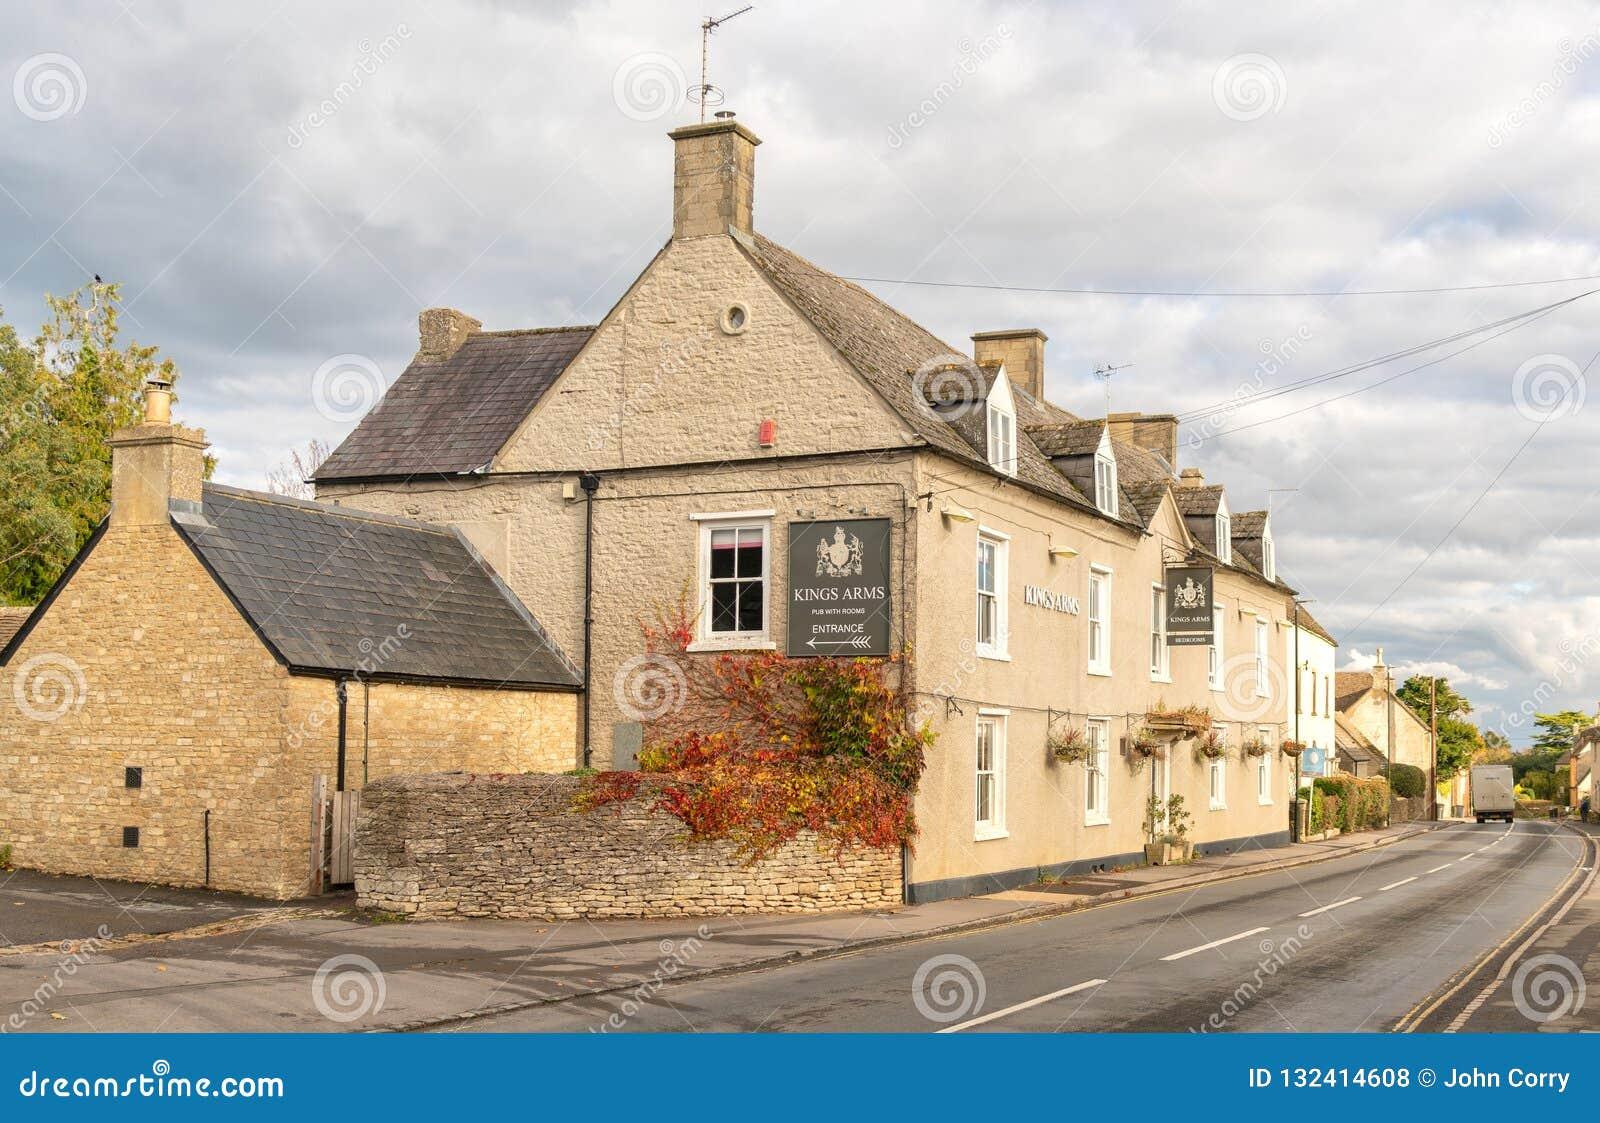 La taverne des Rois Arms dans Didmarton, le Cotswolds, Angleterre